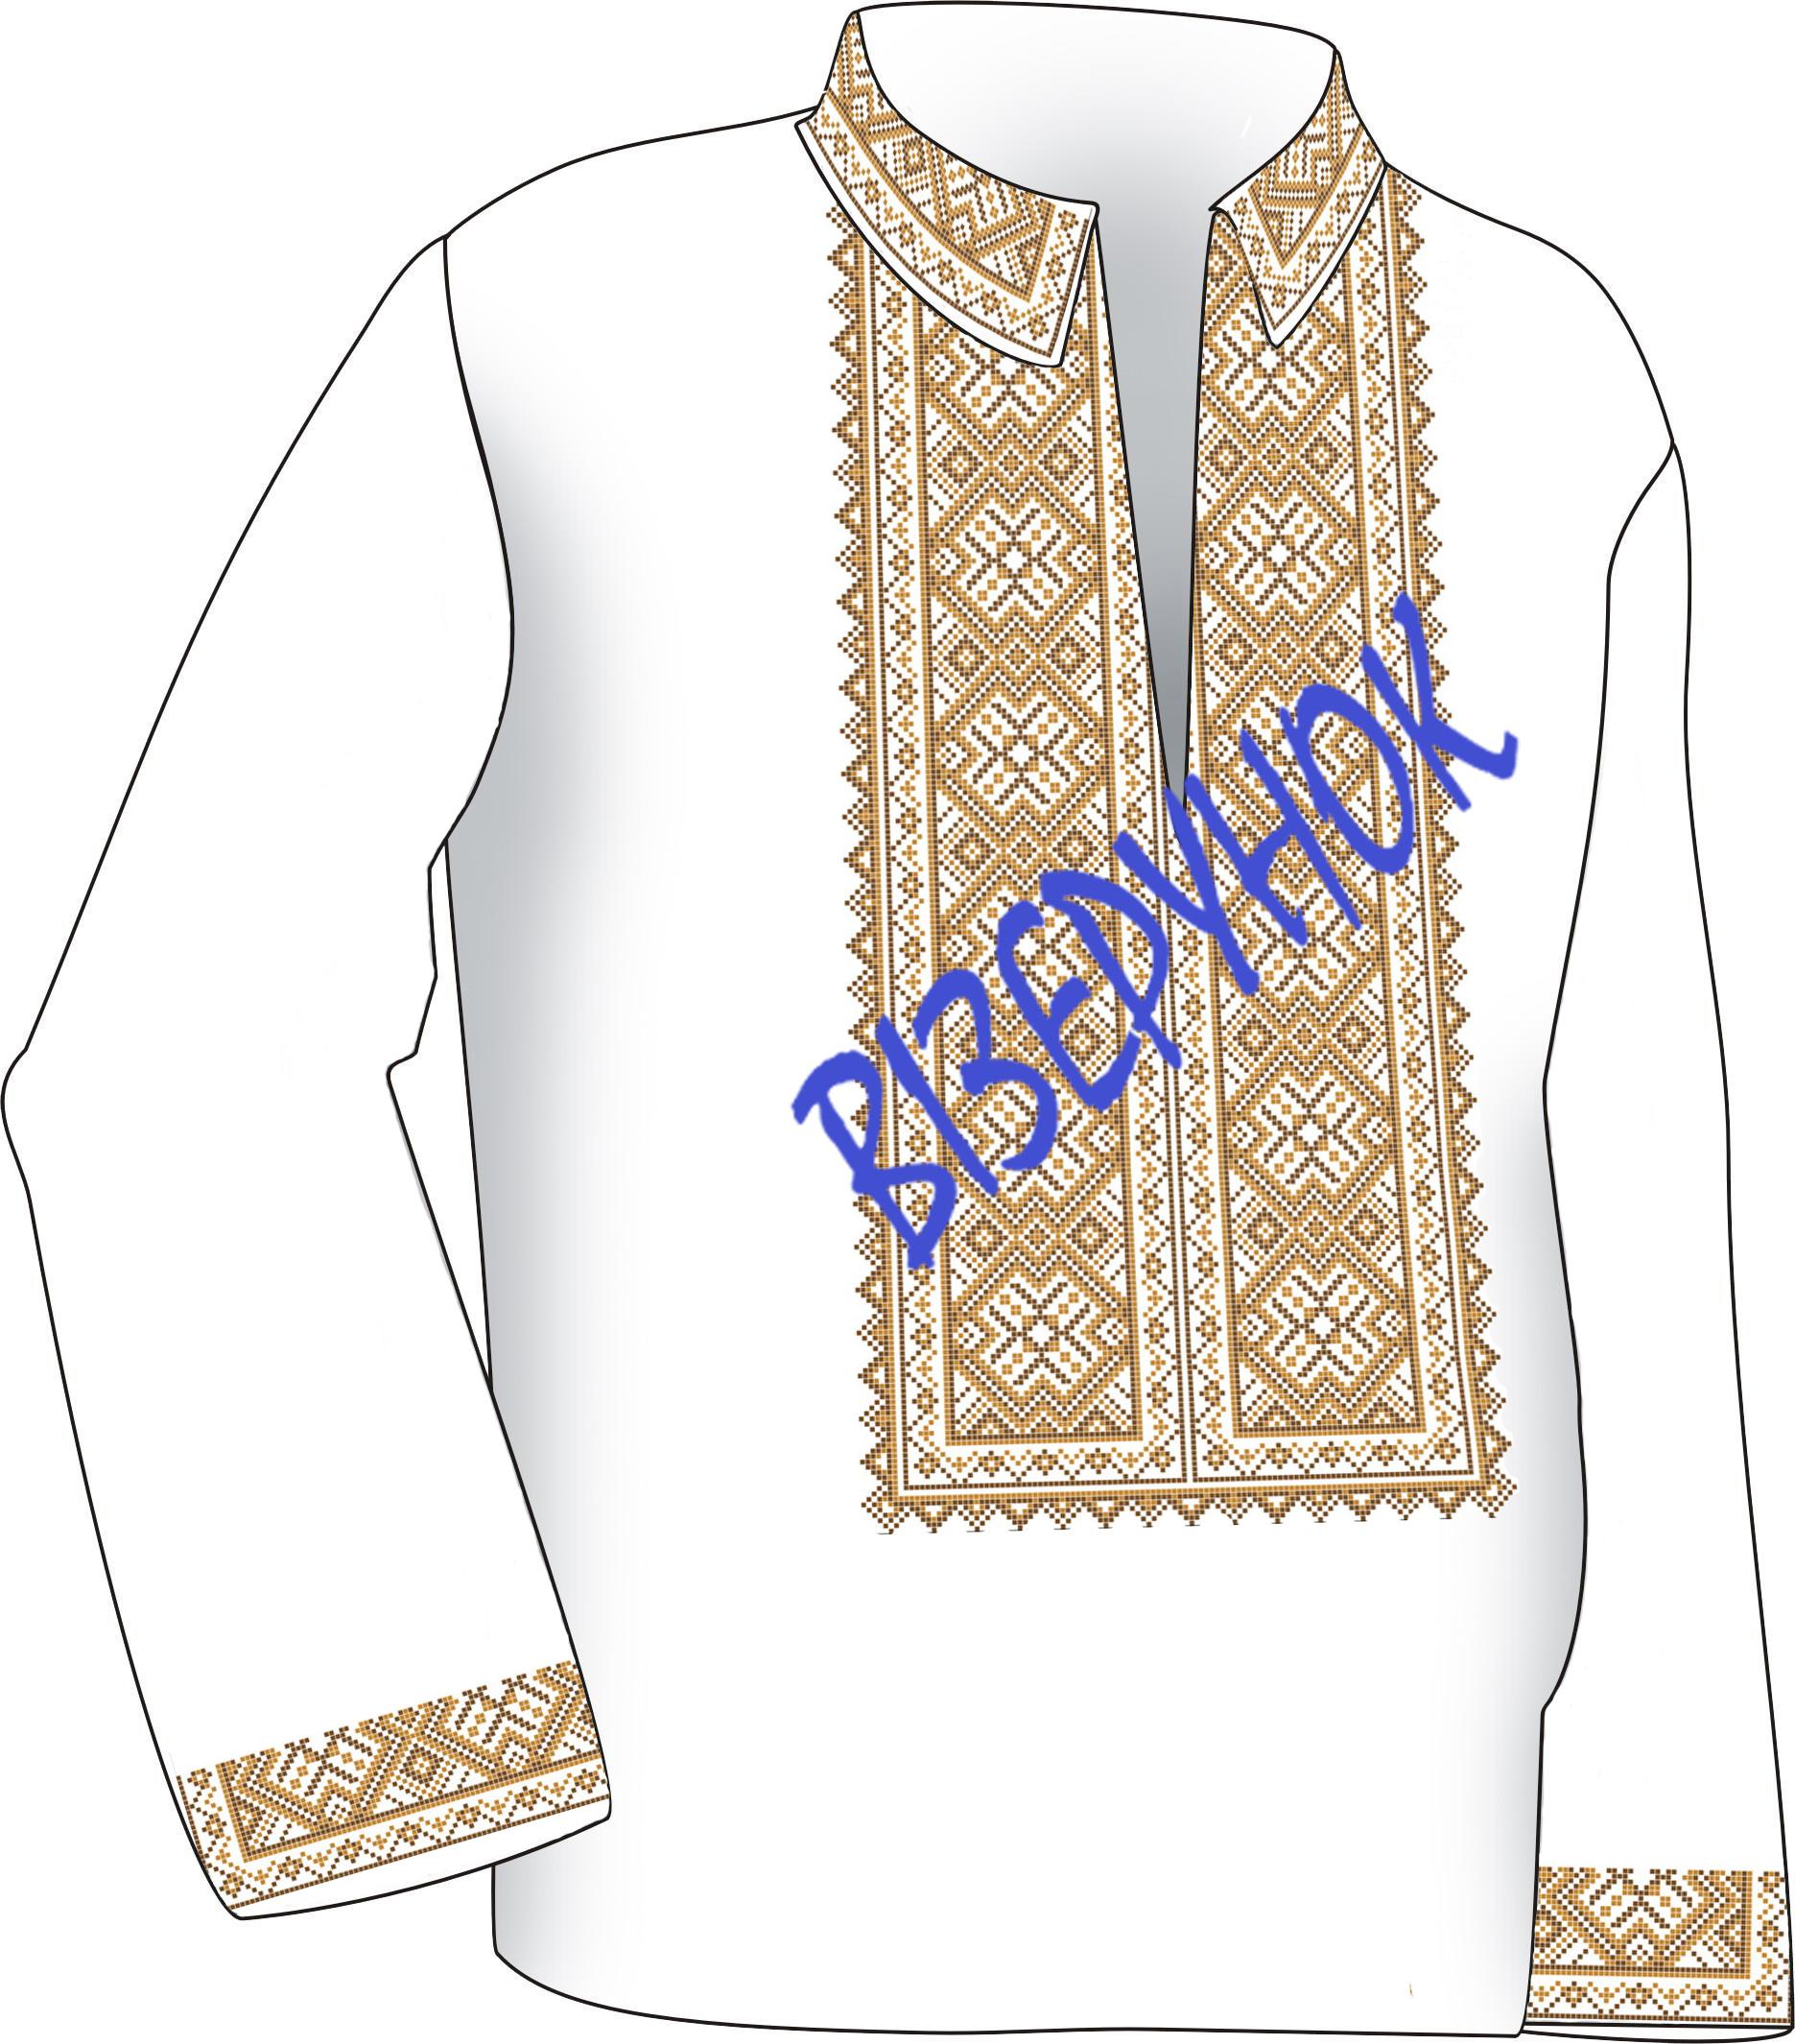 Заготовка вишивки чоловічих сорочок ВЧ -21 - Товари - Схеми для ... 3c3eb0290eed8